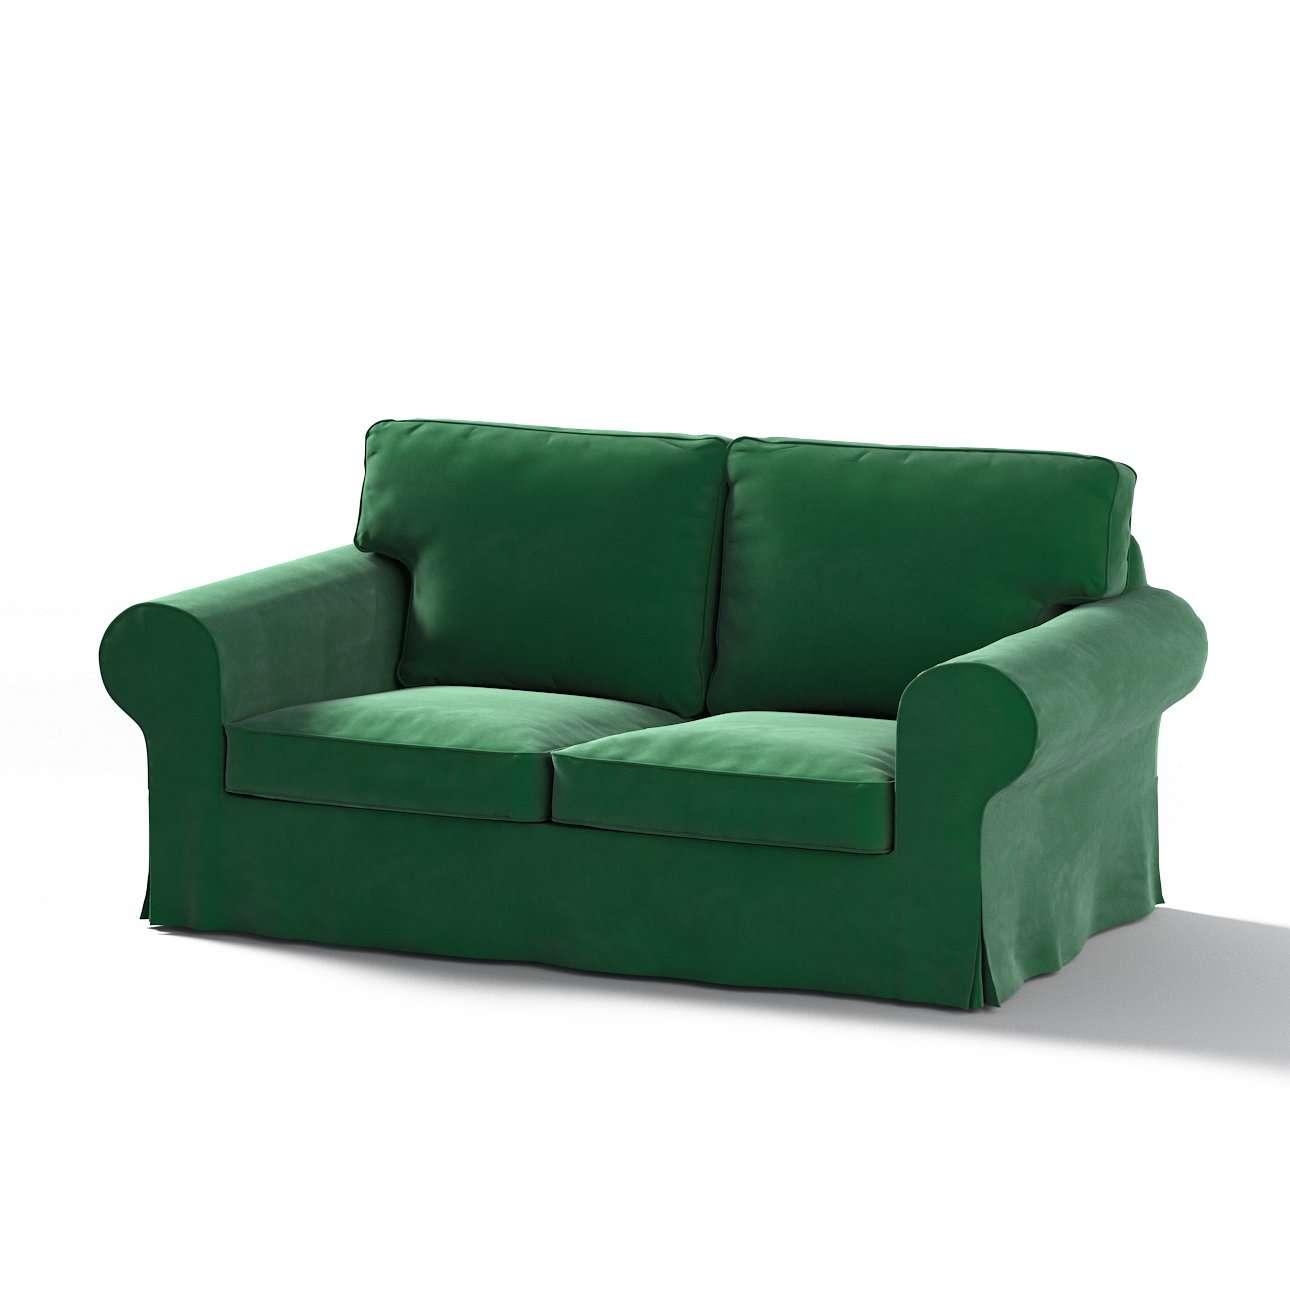 ektorp velvet gr n ektorp 2 sitzer schlafsofabezug altes modell. Black Bedroom Furniture Sets. Home Design Ideas